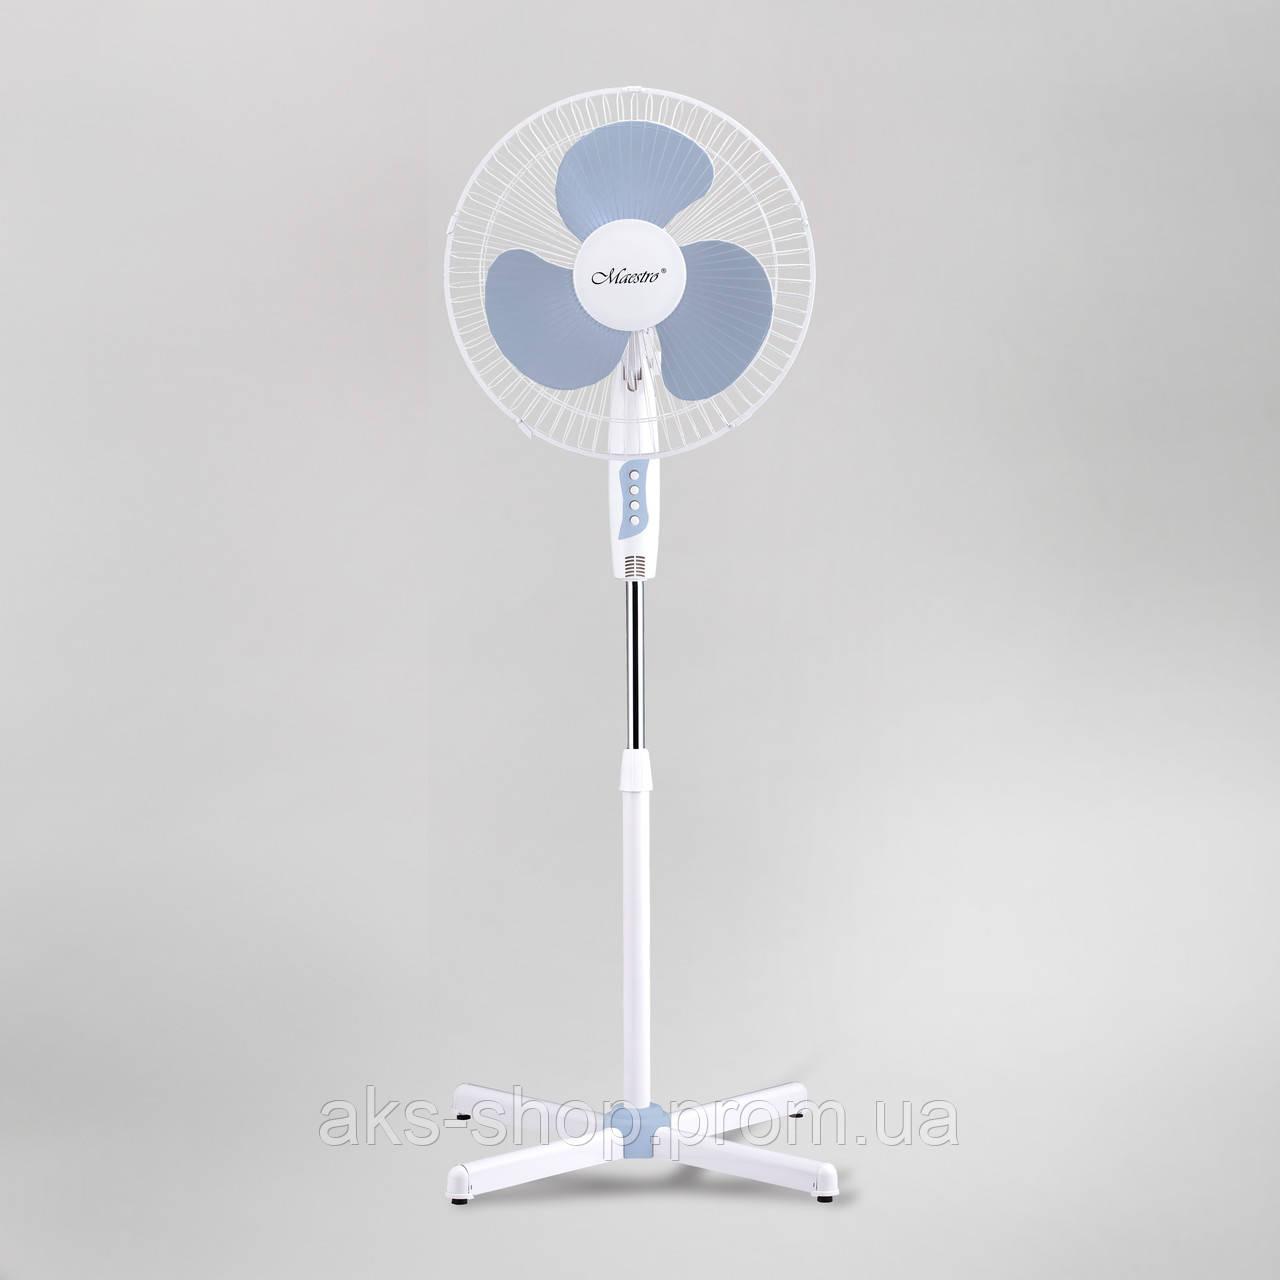 Вентилятор Maestro MR-900 3 скорости, 40 см, автоповорот